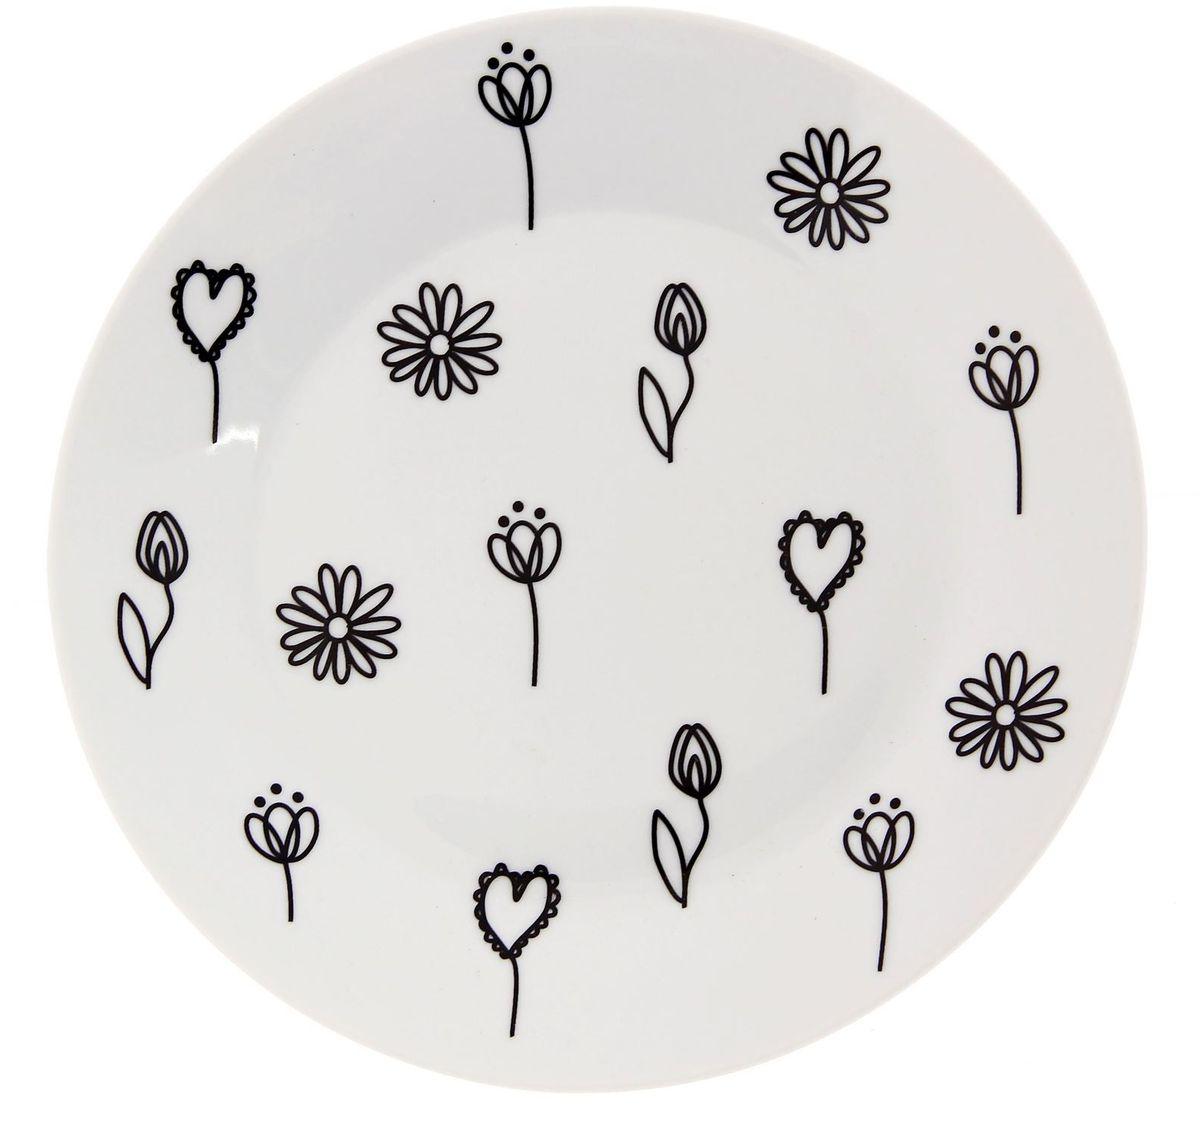 Тарелка мелкая Сотвори чудо Черный цветок, диаметр 20 см2277881Хотите обновить интерьер кухни или гостиной? Устраиваете необычную фотосессию или тематический праздник? А может, просто ищете подарок для близкого человека? Посуда Сотвори Чудо — правильный выбор в любой ситуации. Тарелка Сотвори Чудо, изготовленная из изящного фаянса нежного сливочного цвета, оформлена оригинальным рисунком со стойкой краской. Пригодна для посудомоечной машины.